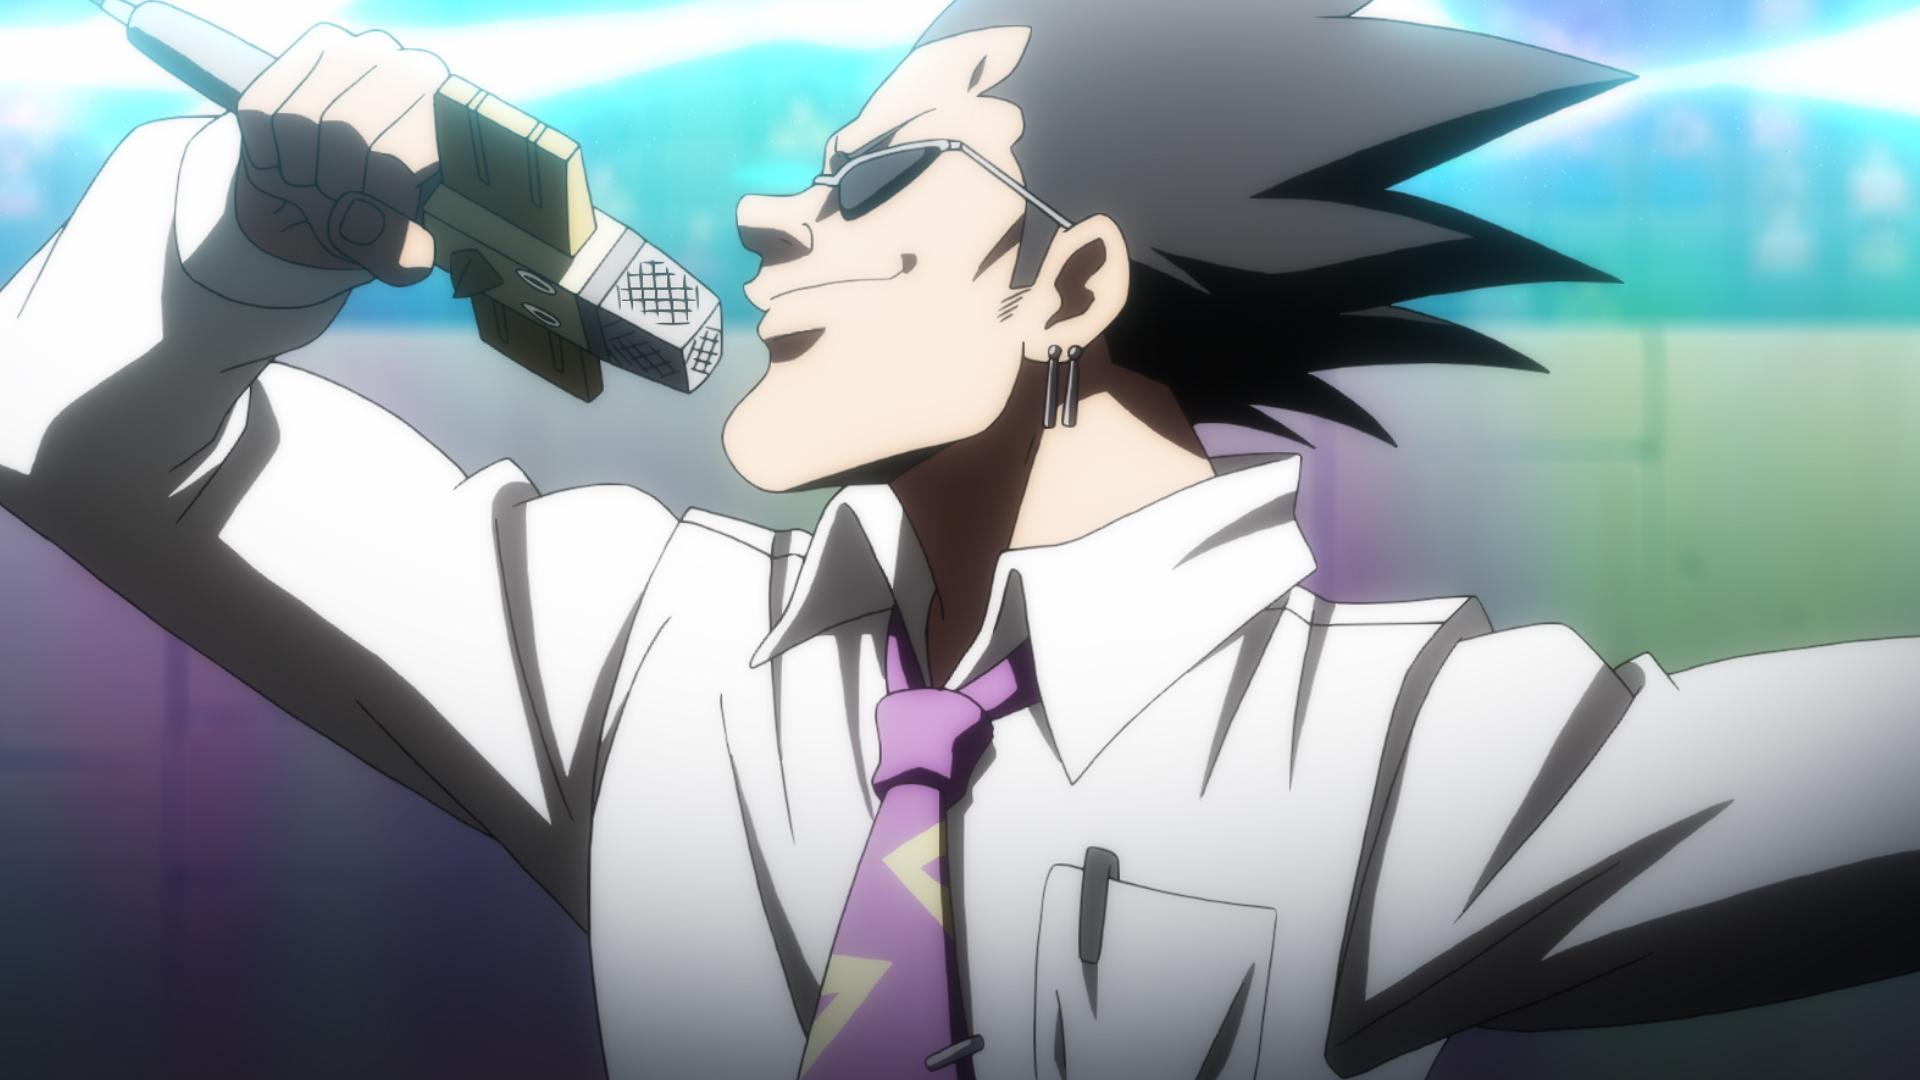 『シャーマンキング』の第18話ネタバレ・あらすじ・感想